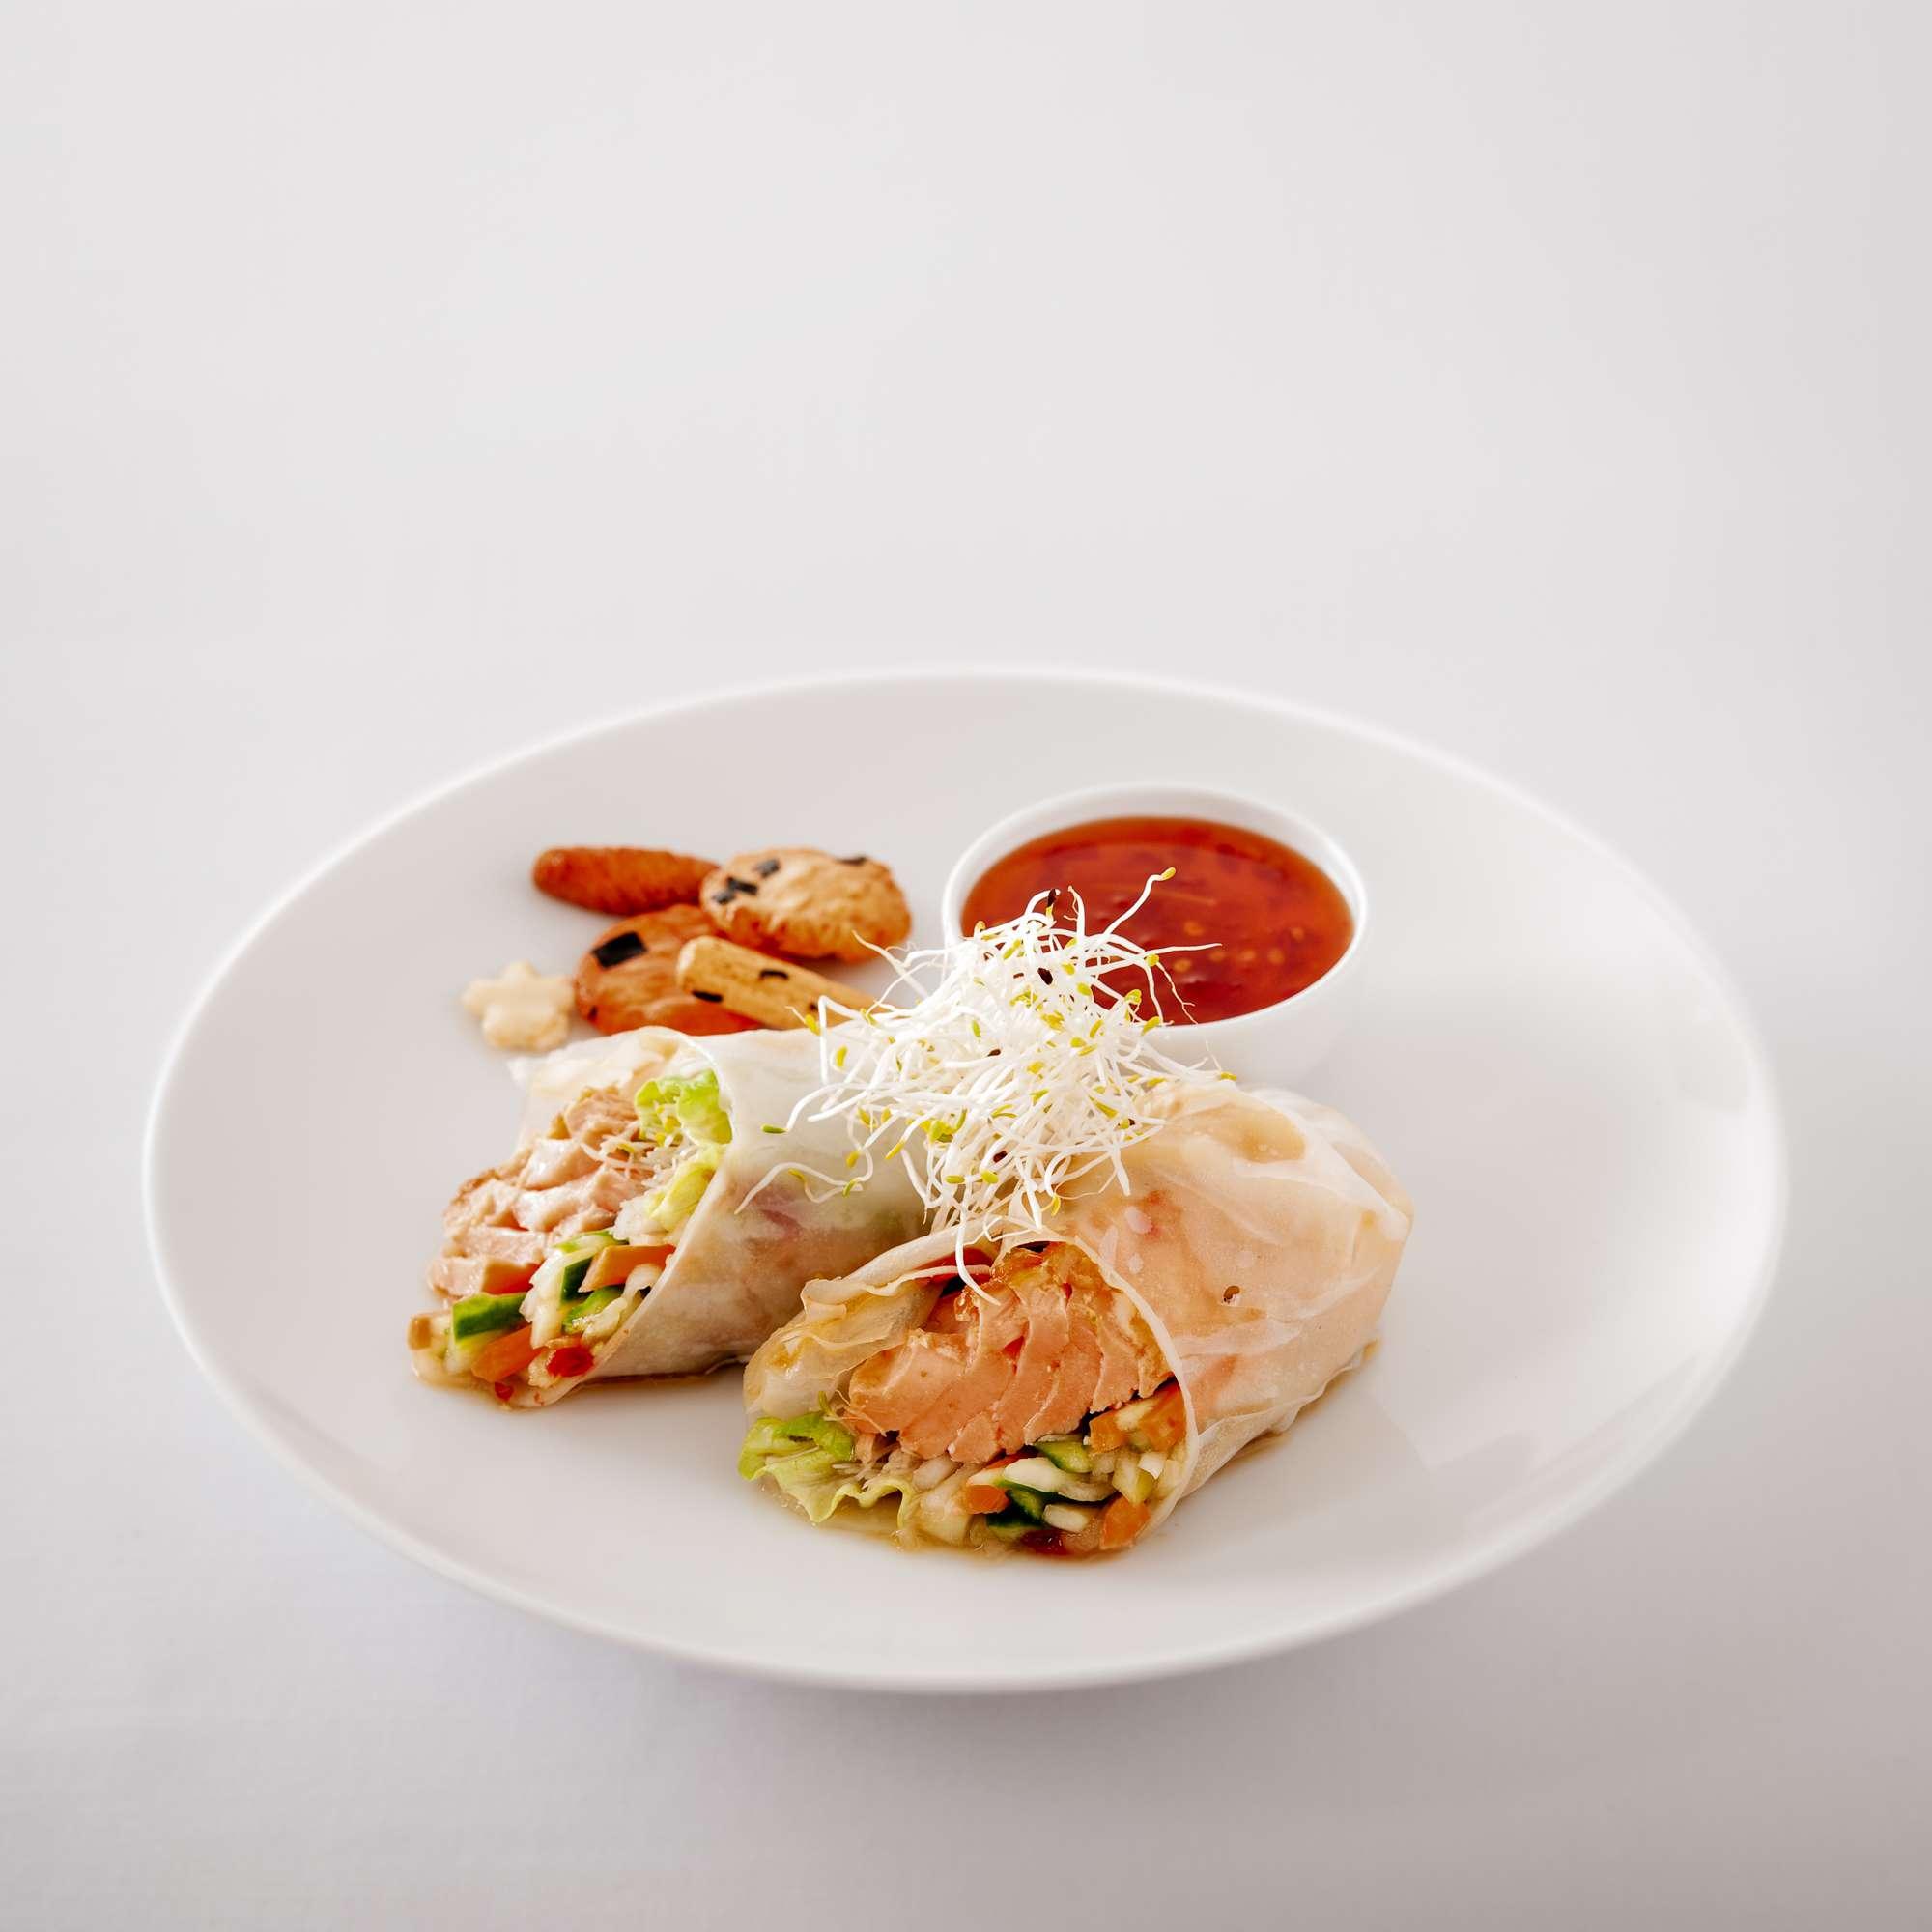 Reisblattrollen mit gebratenem Lachs und süßer Soja-Chilisauce